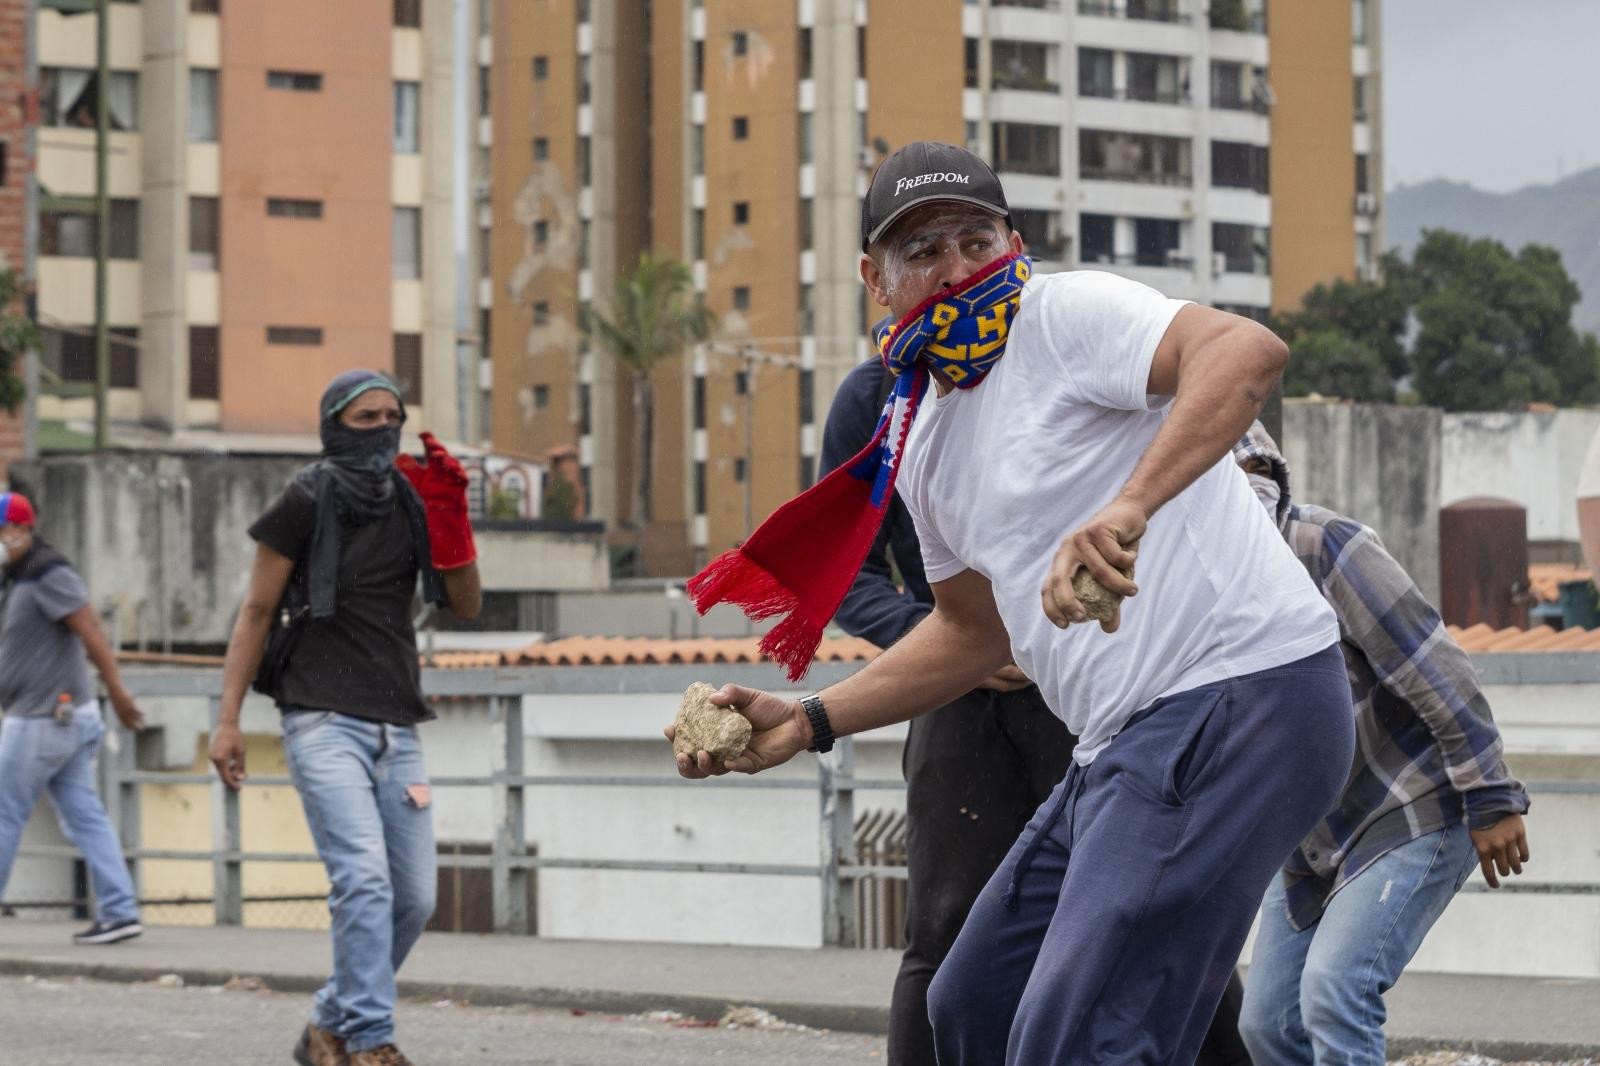 Protestnik v venezueli Vir:Pixsell